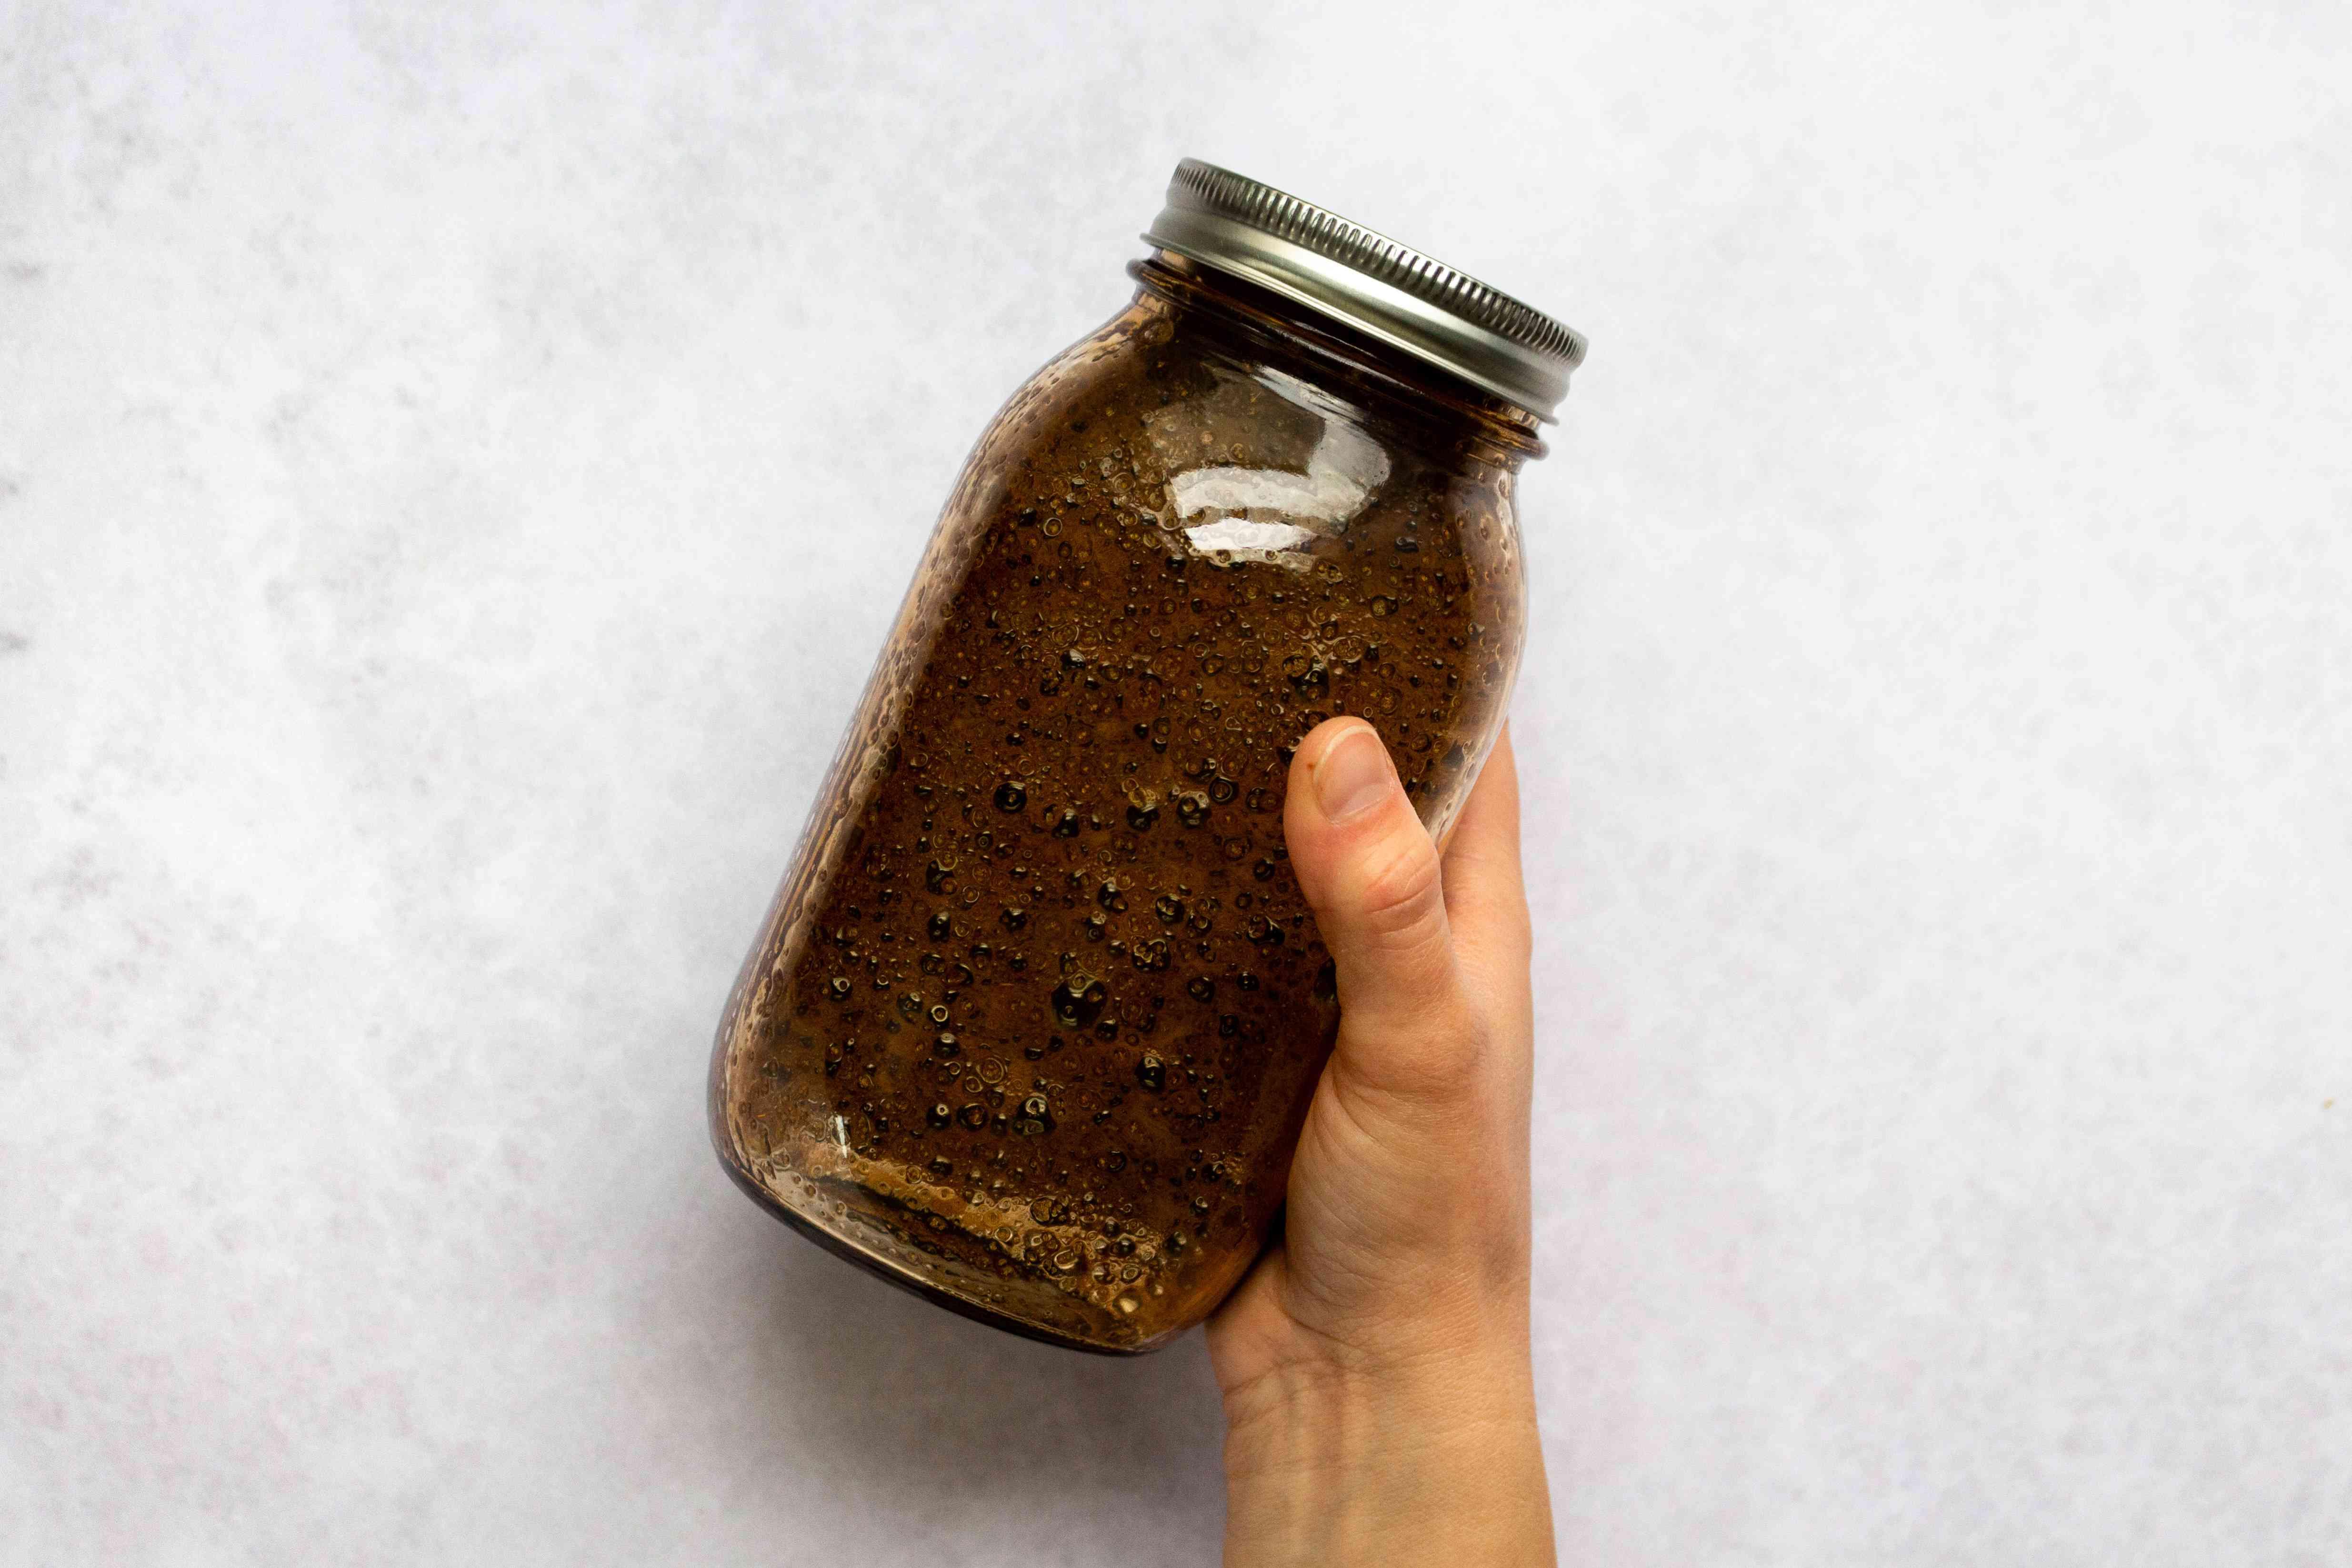 Gluten-Free Teriyaki Sauce ingredients in a jar